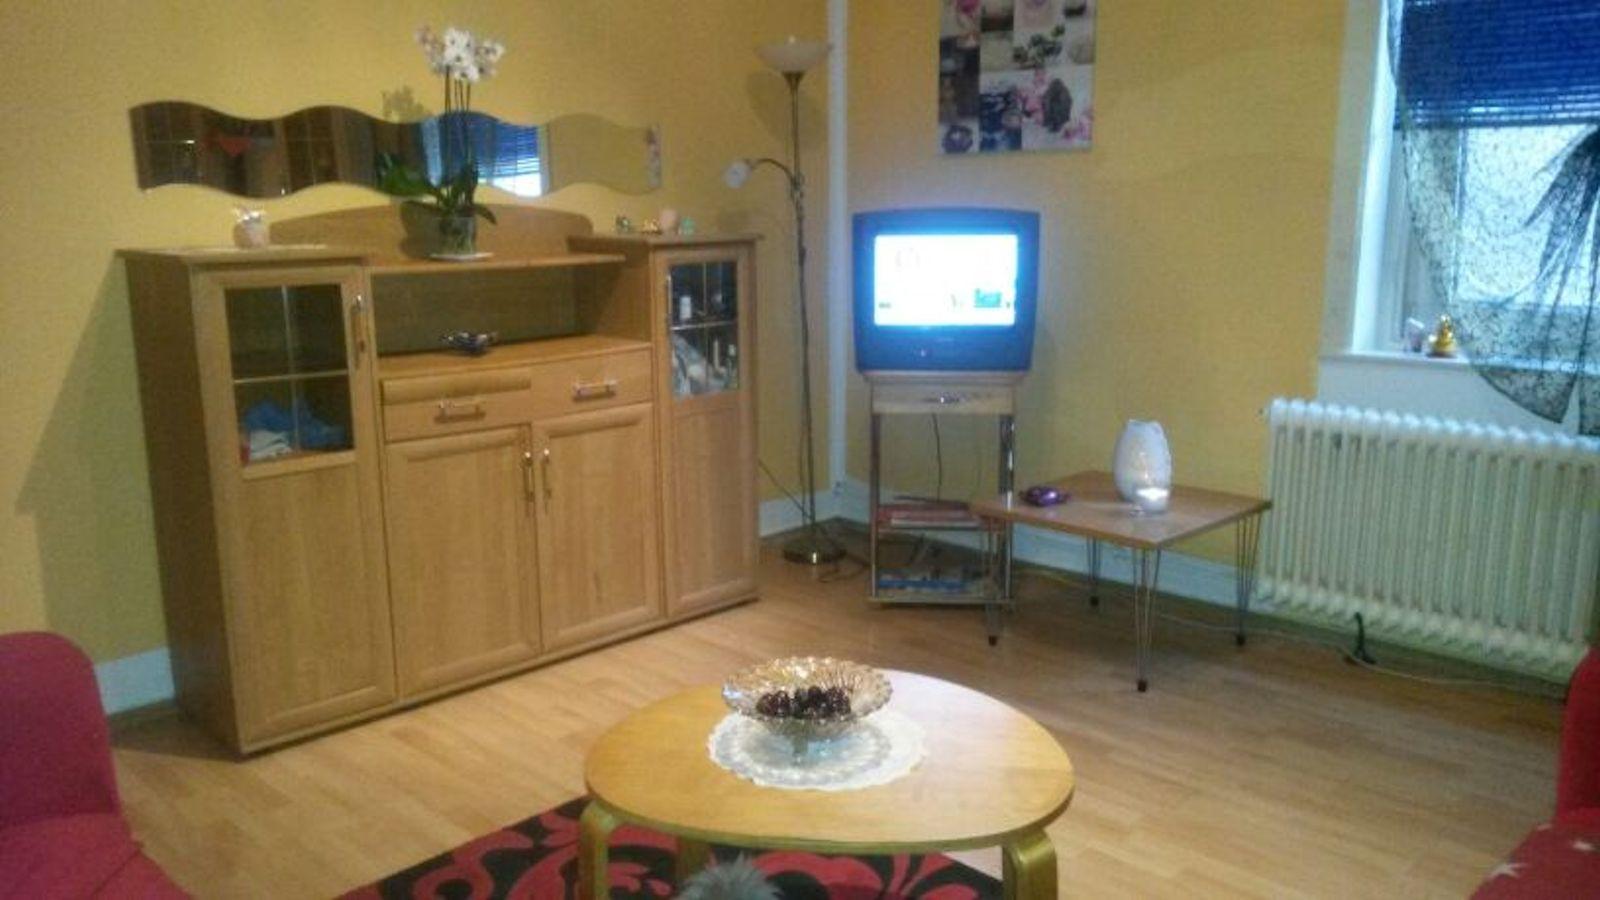 Foto Nr. 61530 von Shemale Trans Anspruchsvolle Wohnung